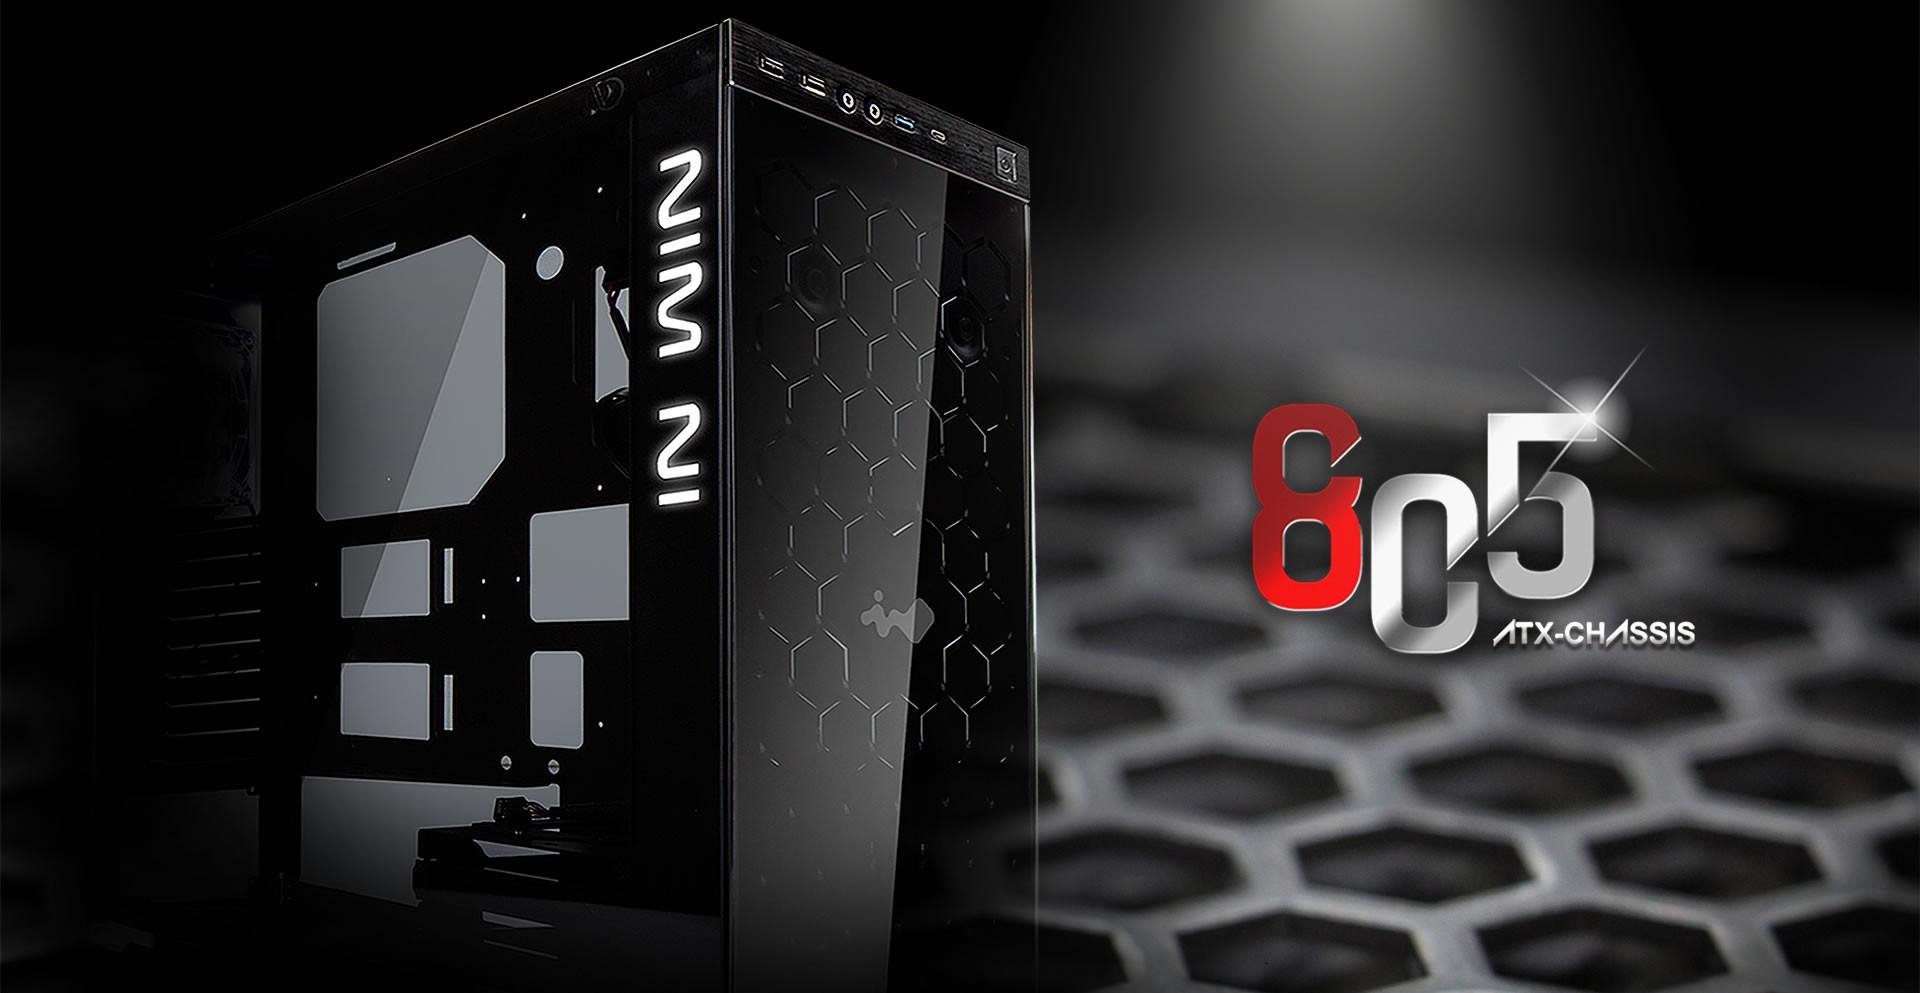 Radeon RX 5700 XT MECH